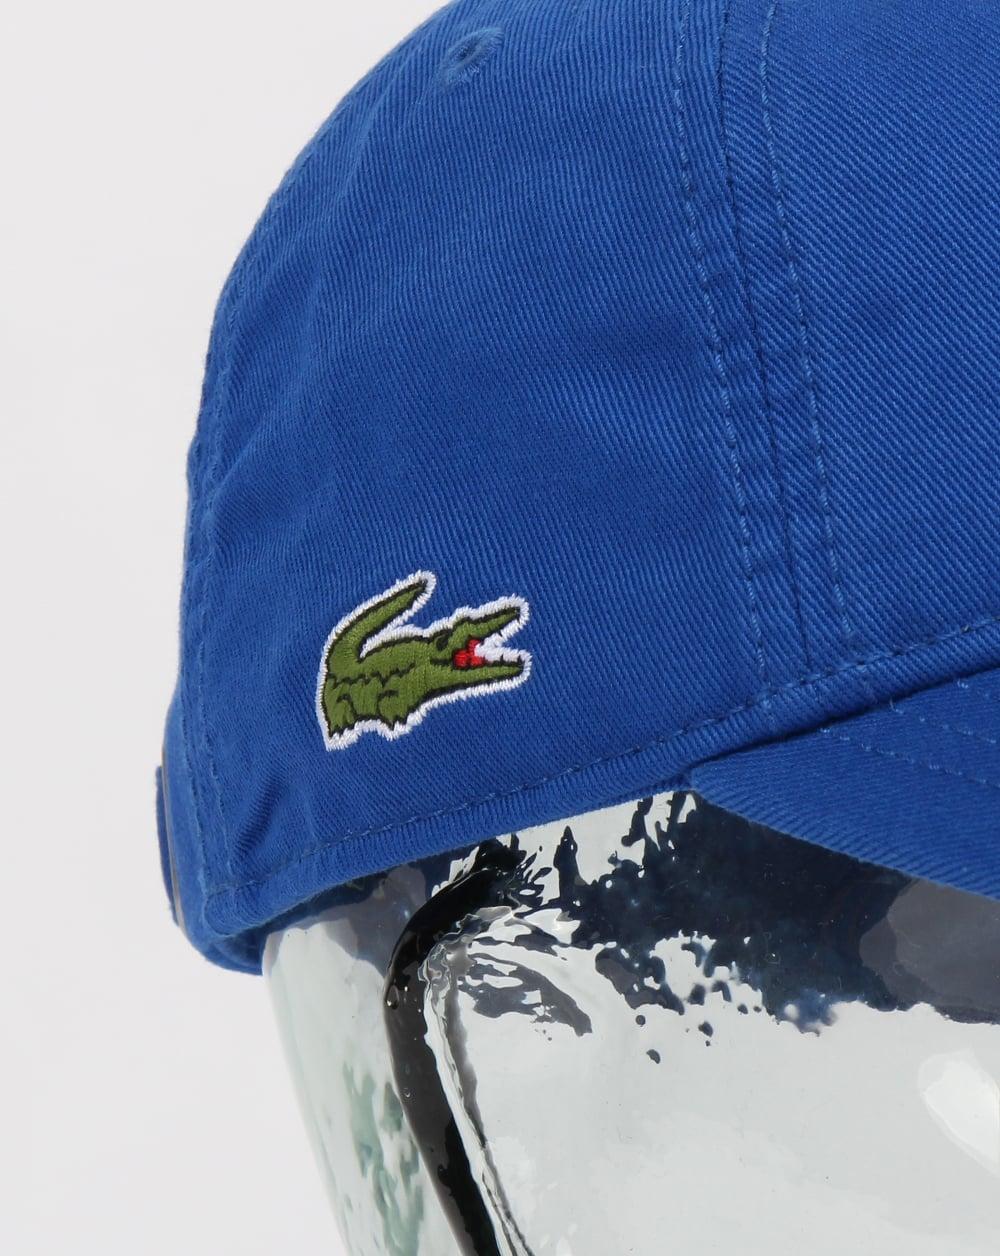 fe1e7e51e53f Lacoste Gabardine Cap Royal Blue